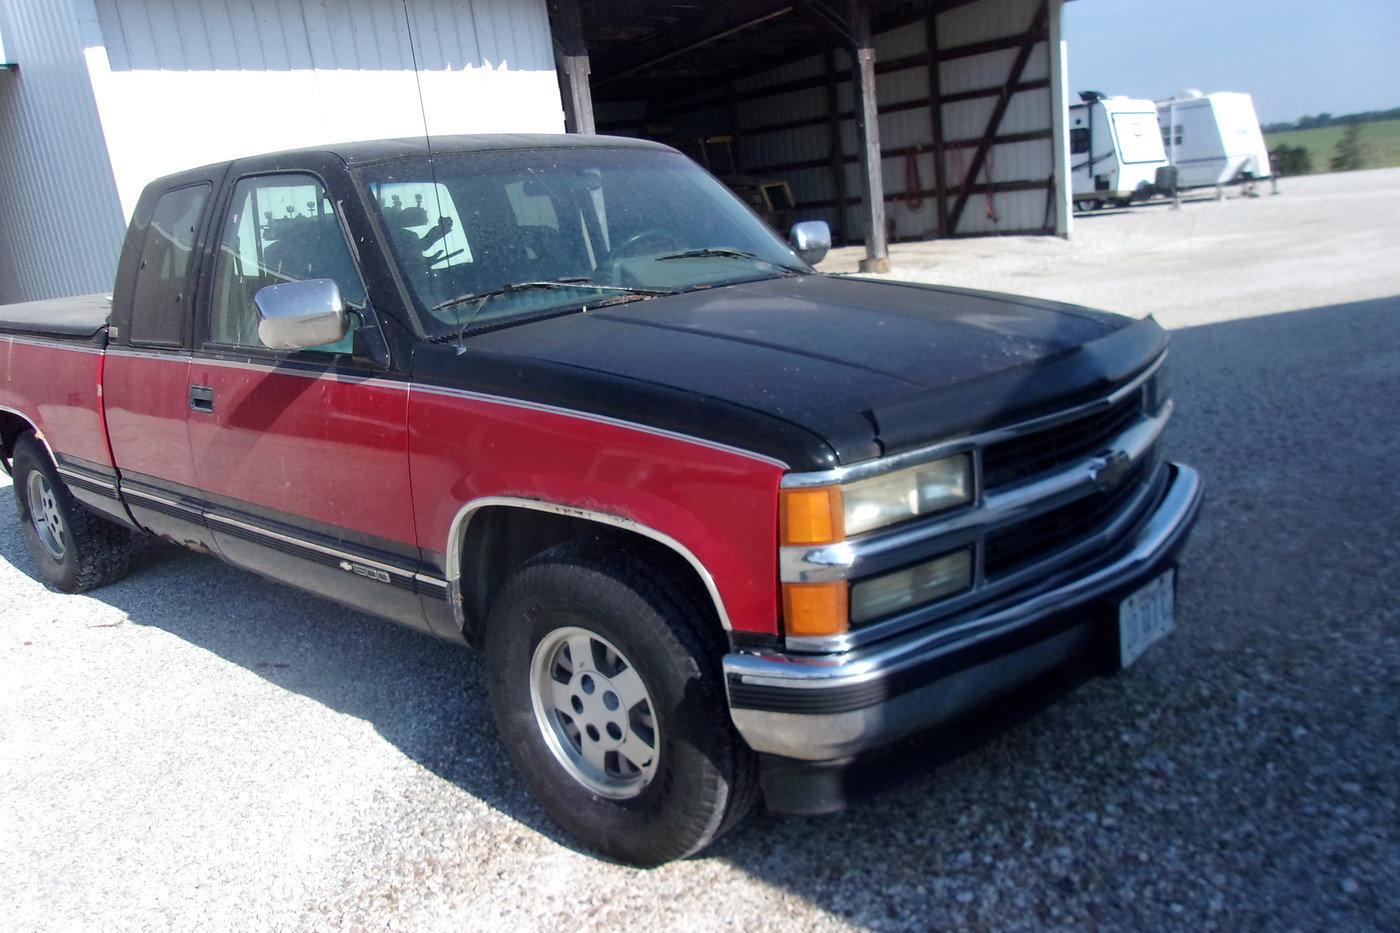 1994 Chevrolet Silverado Pickup $4800 USD For Sale (picture 2 of 6)